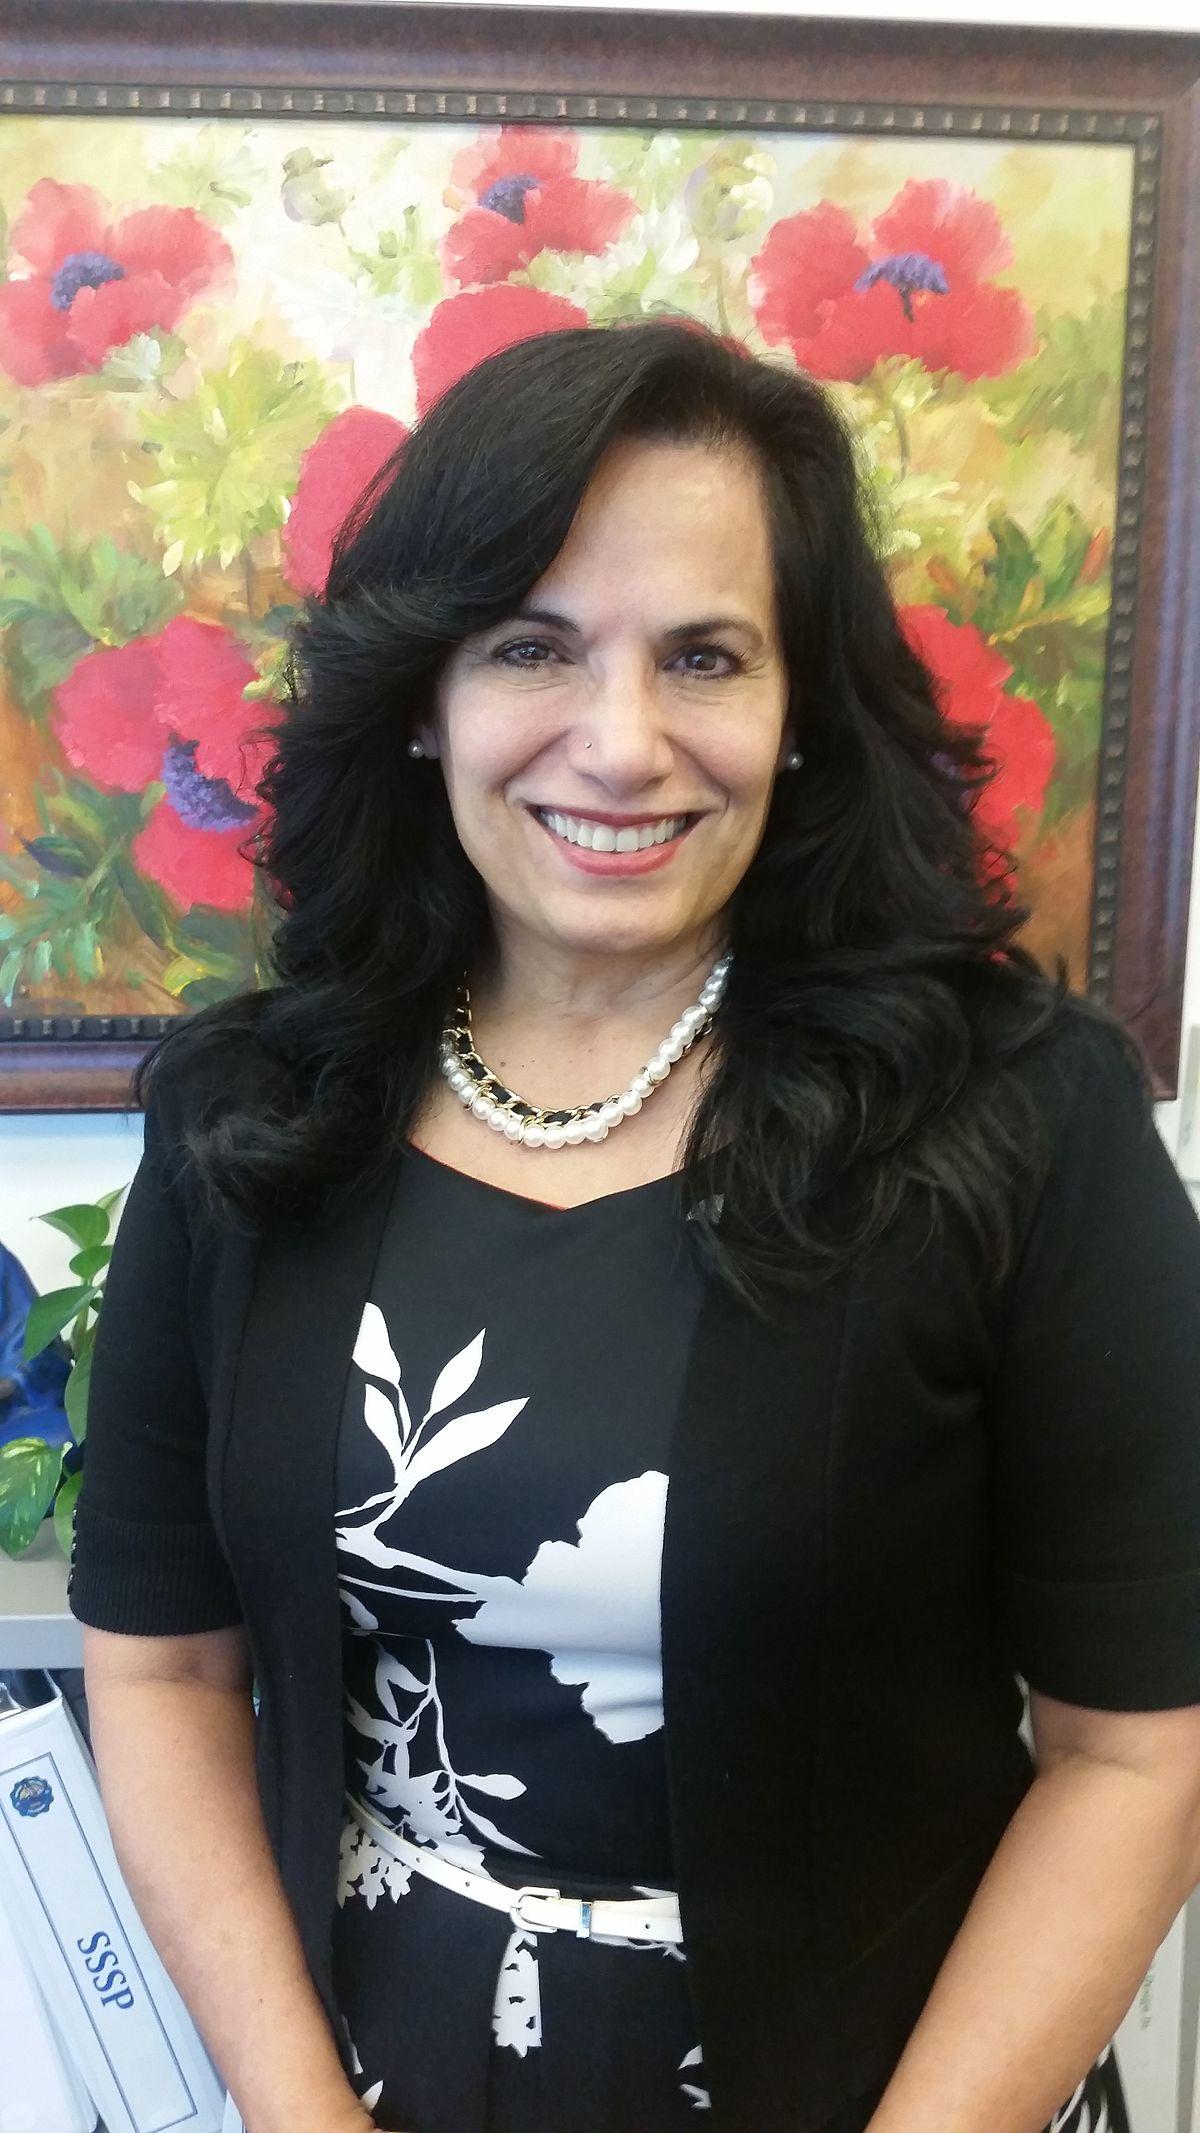 Tanya Garcia (b. 1981)